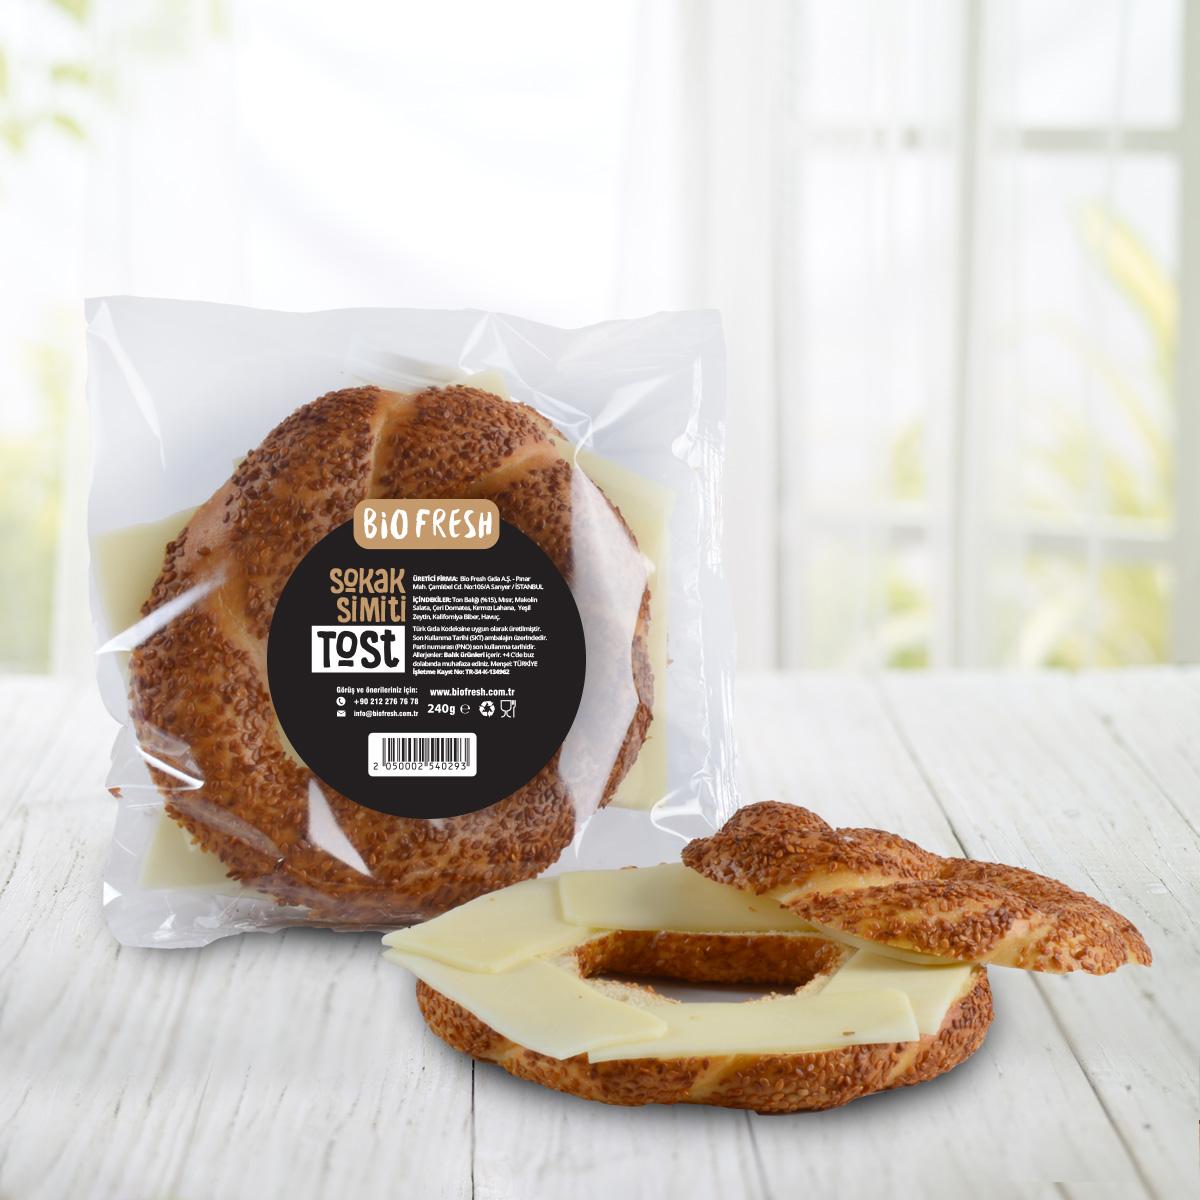 Soğuk Sandviç ve Günlük Taze Salata - Bio Fresh